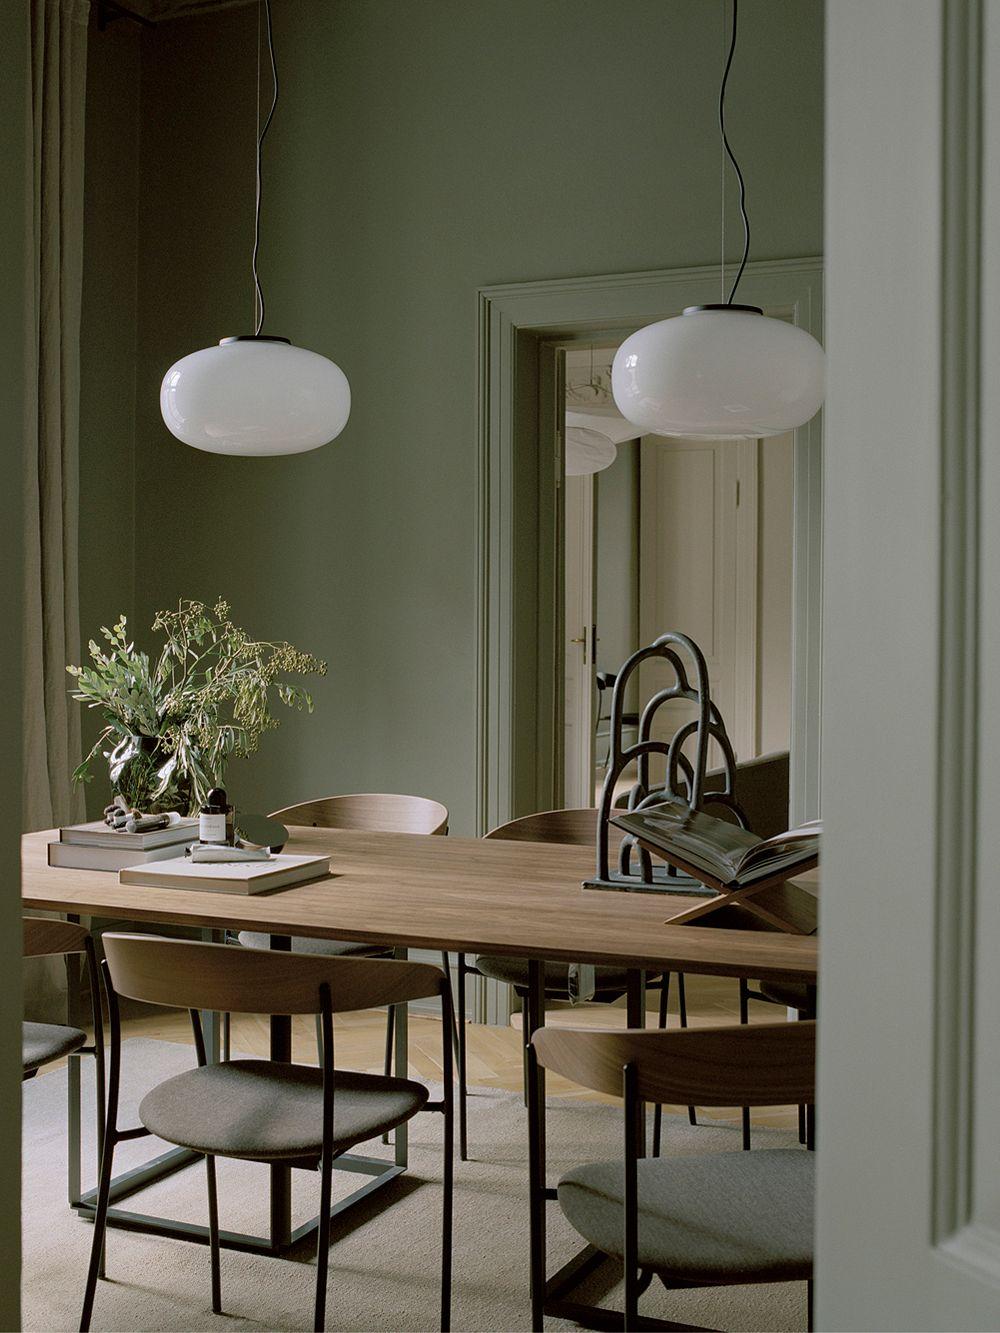 New Works Karl-Johan lighting collection